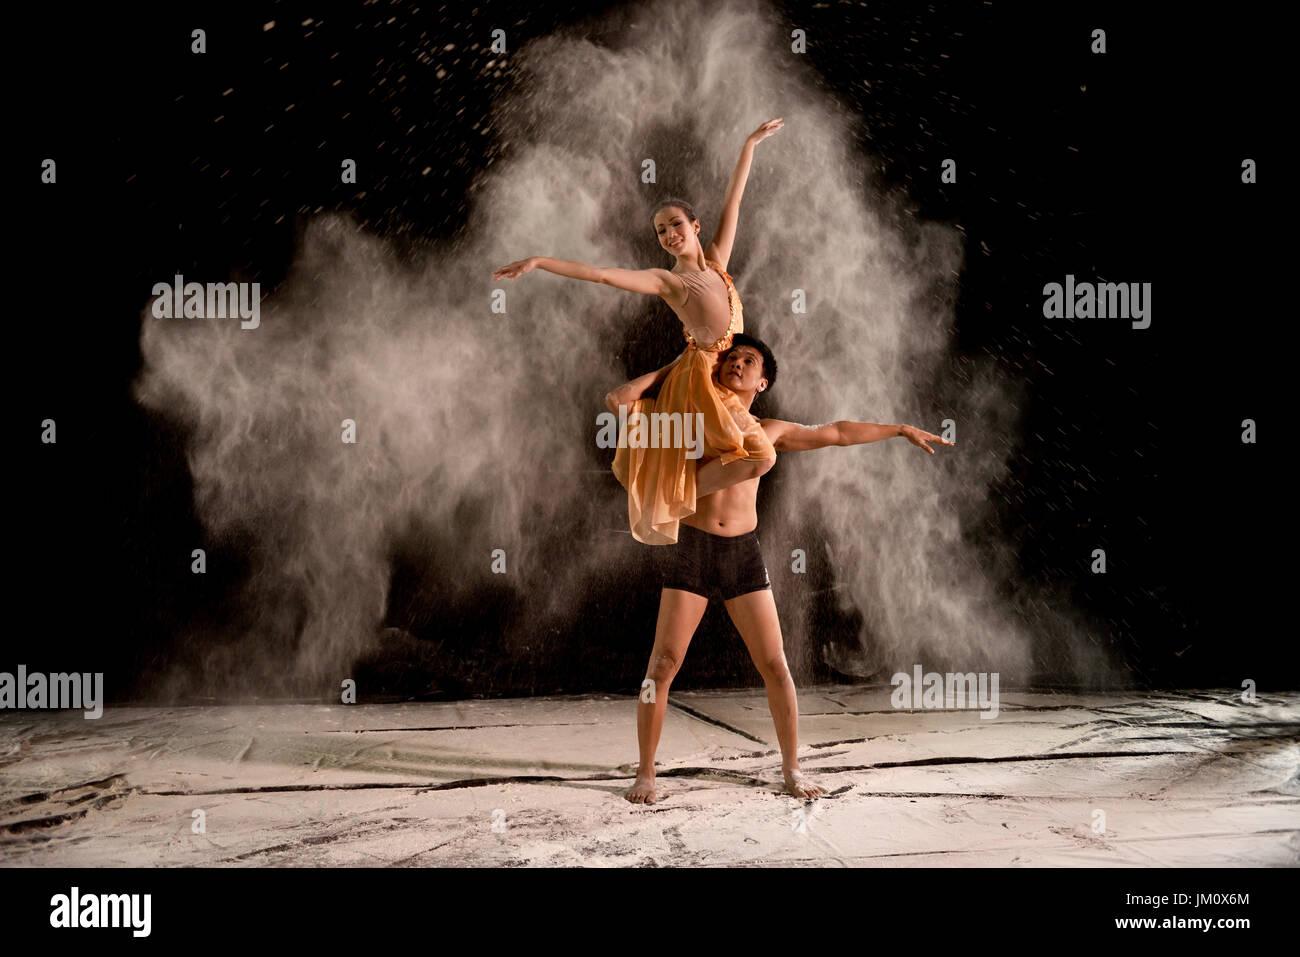 Beau couple danseur de ballet avec une poudre blanche dans l'air sur fond noir Photo Stock